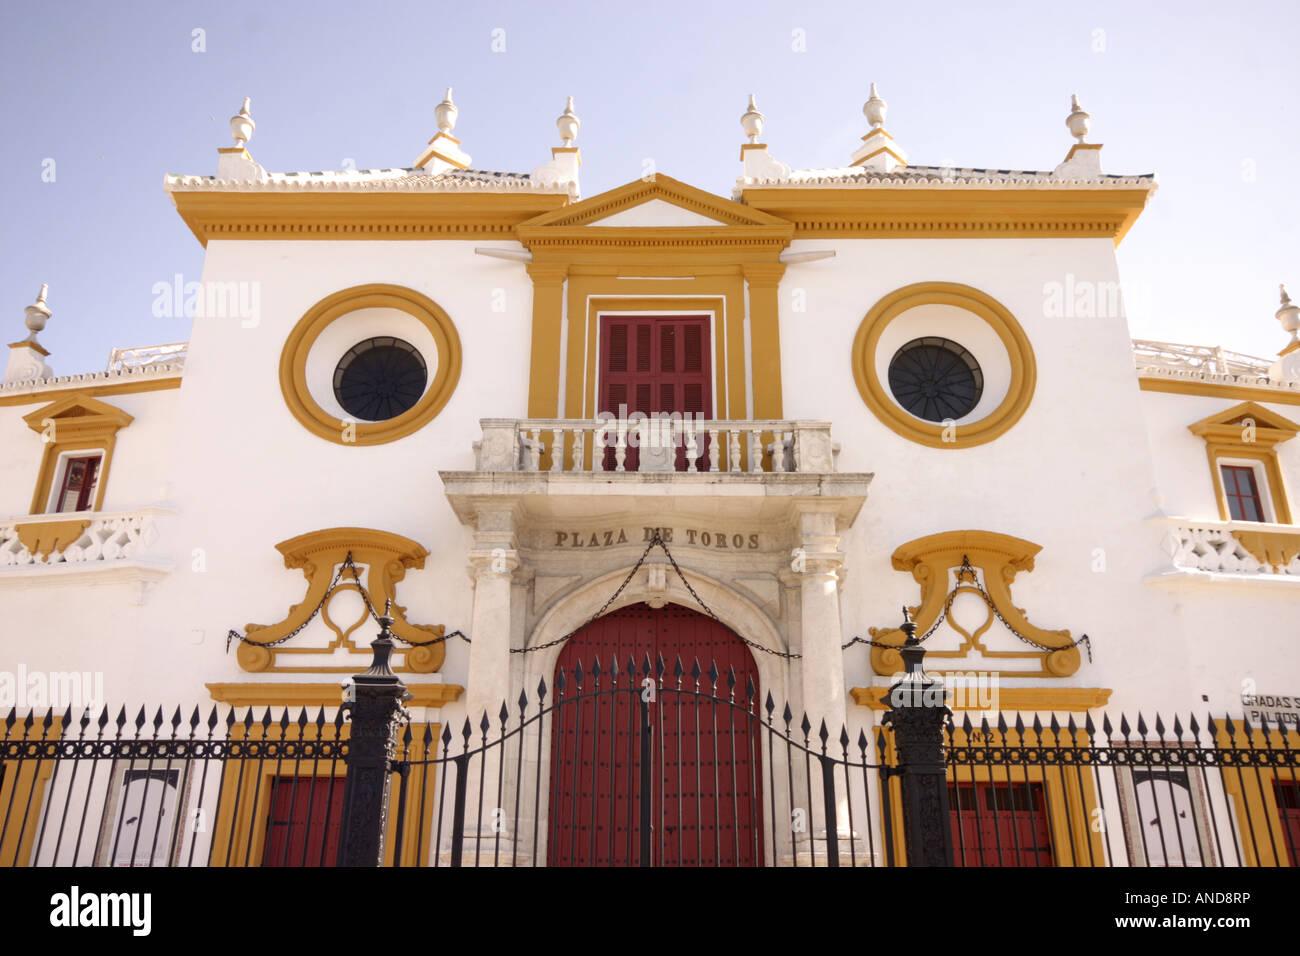 Plaza de toros de la Real Maestranza de Caballería Museo Taurino - Stock Image